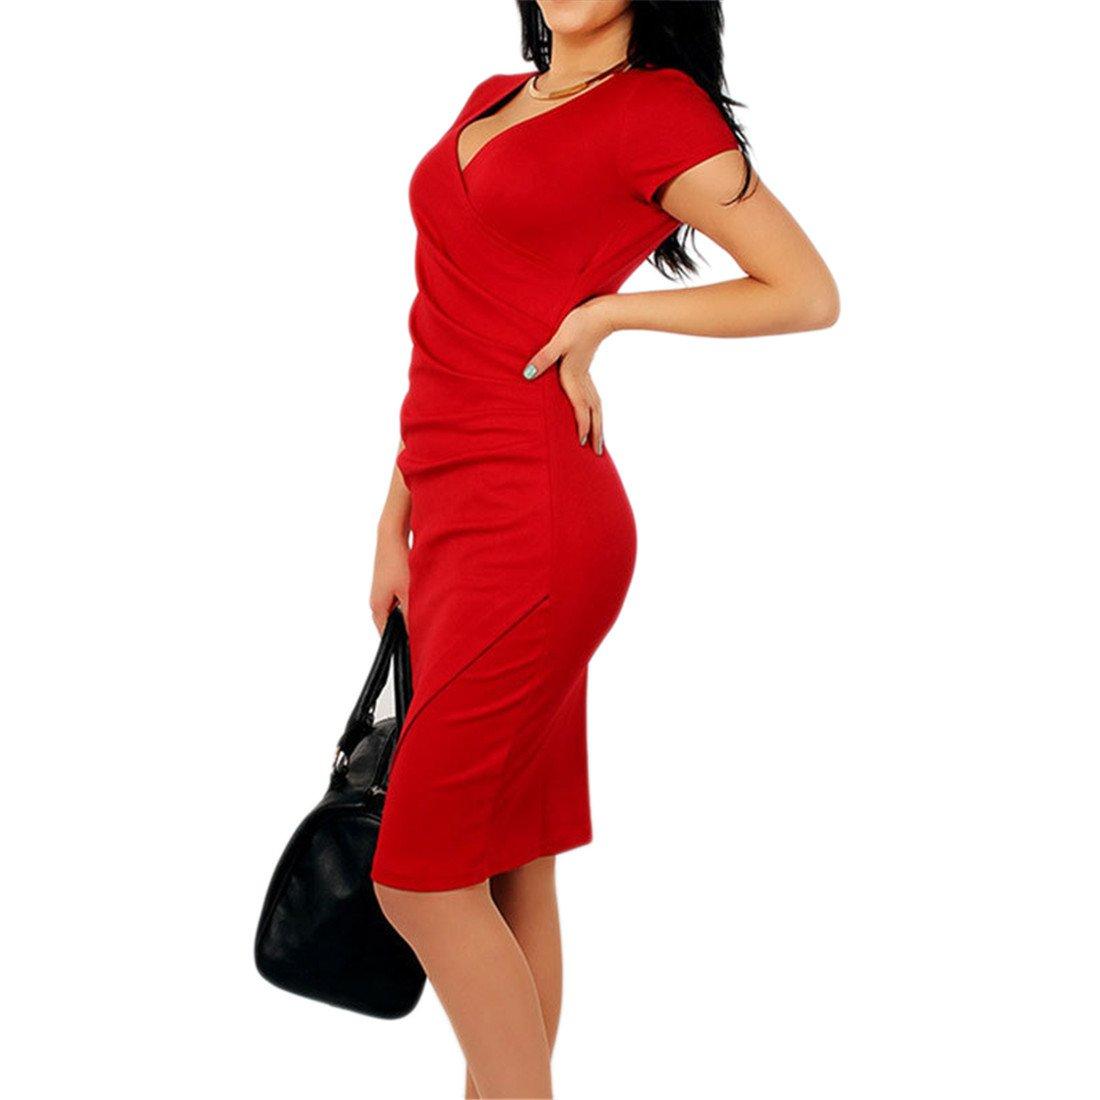 COCO clothing Damen V-Ausschnitt Kurzarm Figurbetontes Normallacks Business Bleistift Kleid Knielang R/üschen Cocktailkleid Frauen Sommer B/üro Etuikleid Midikleid